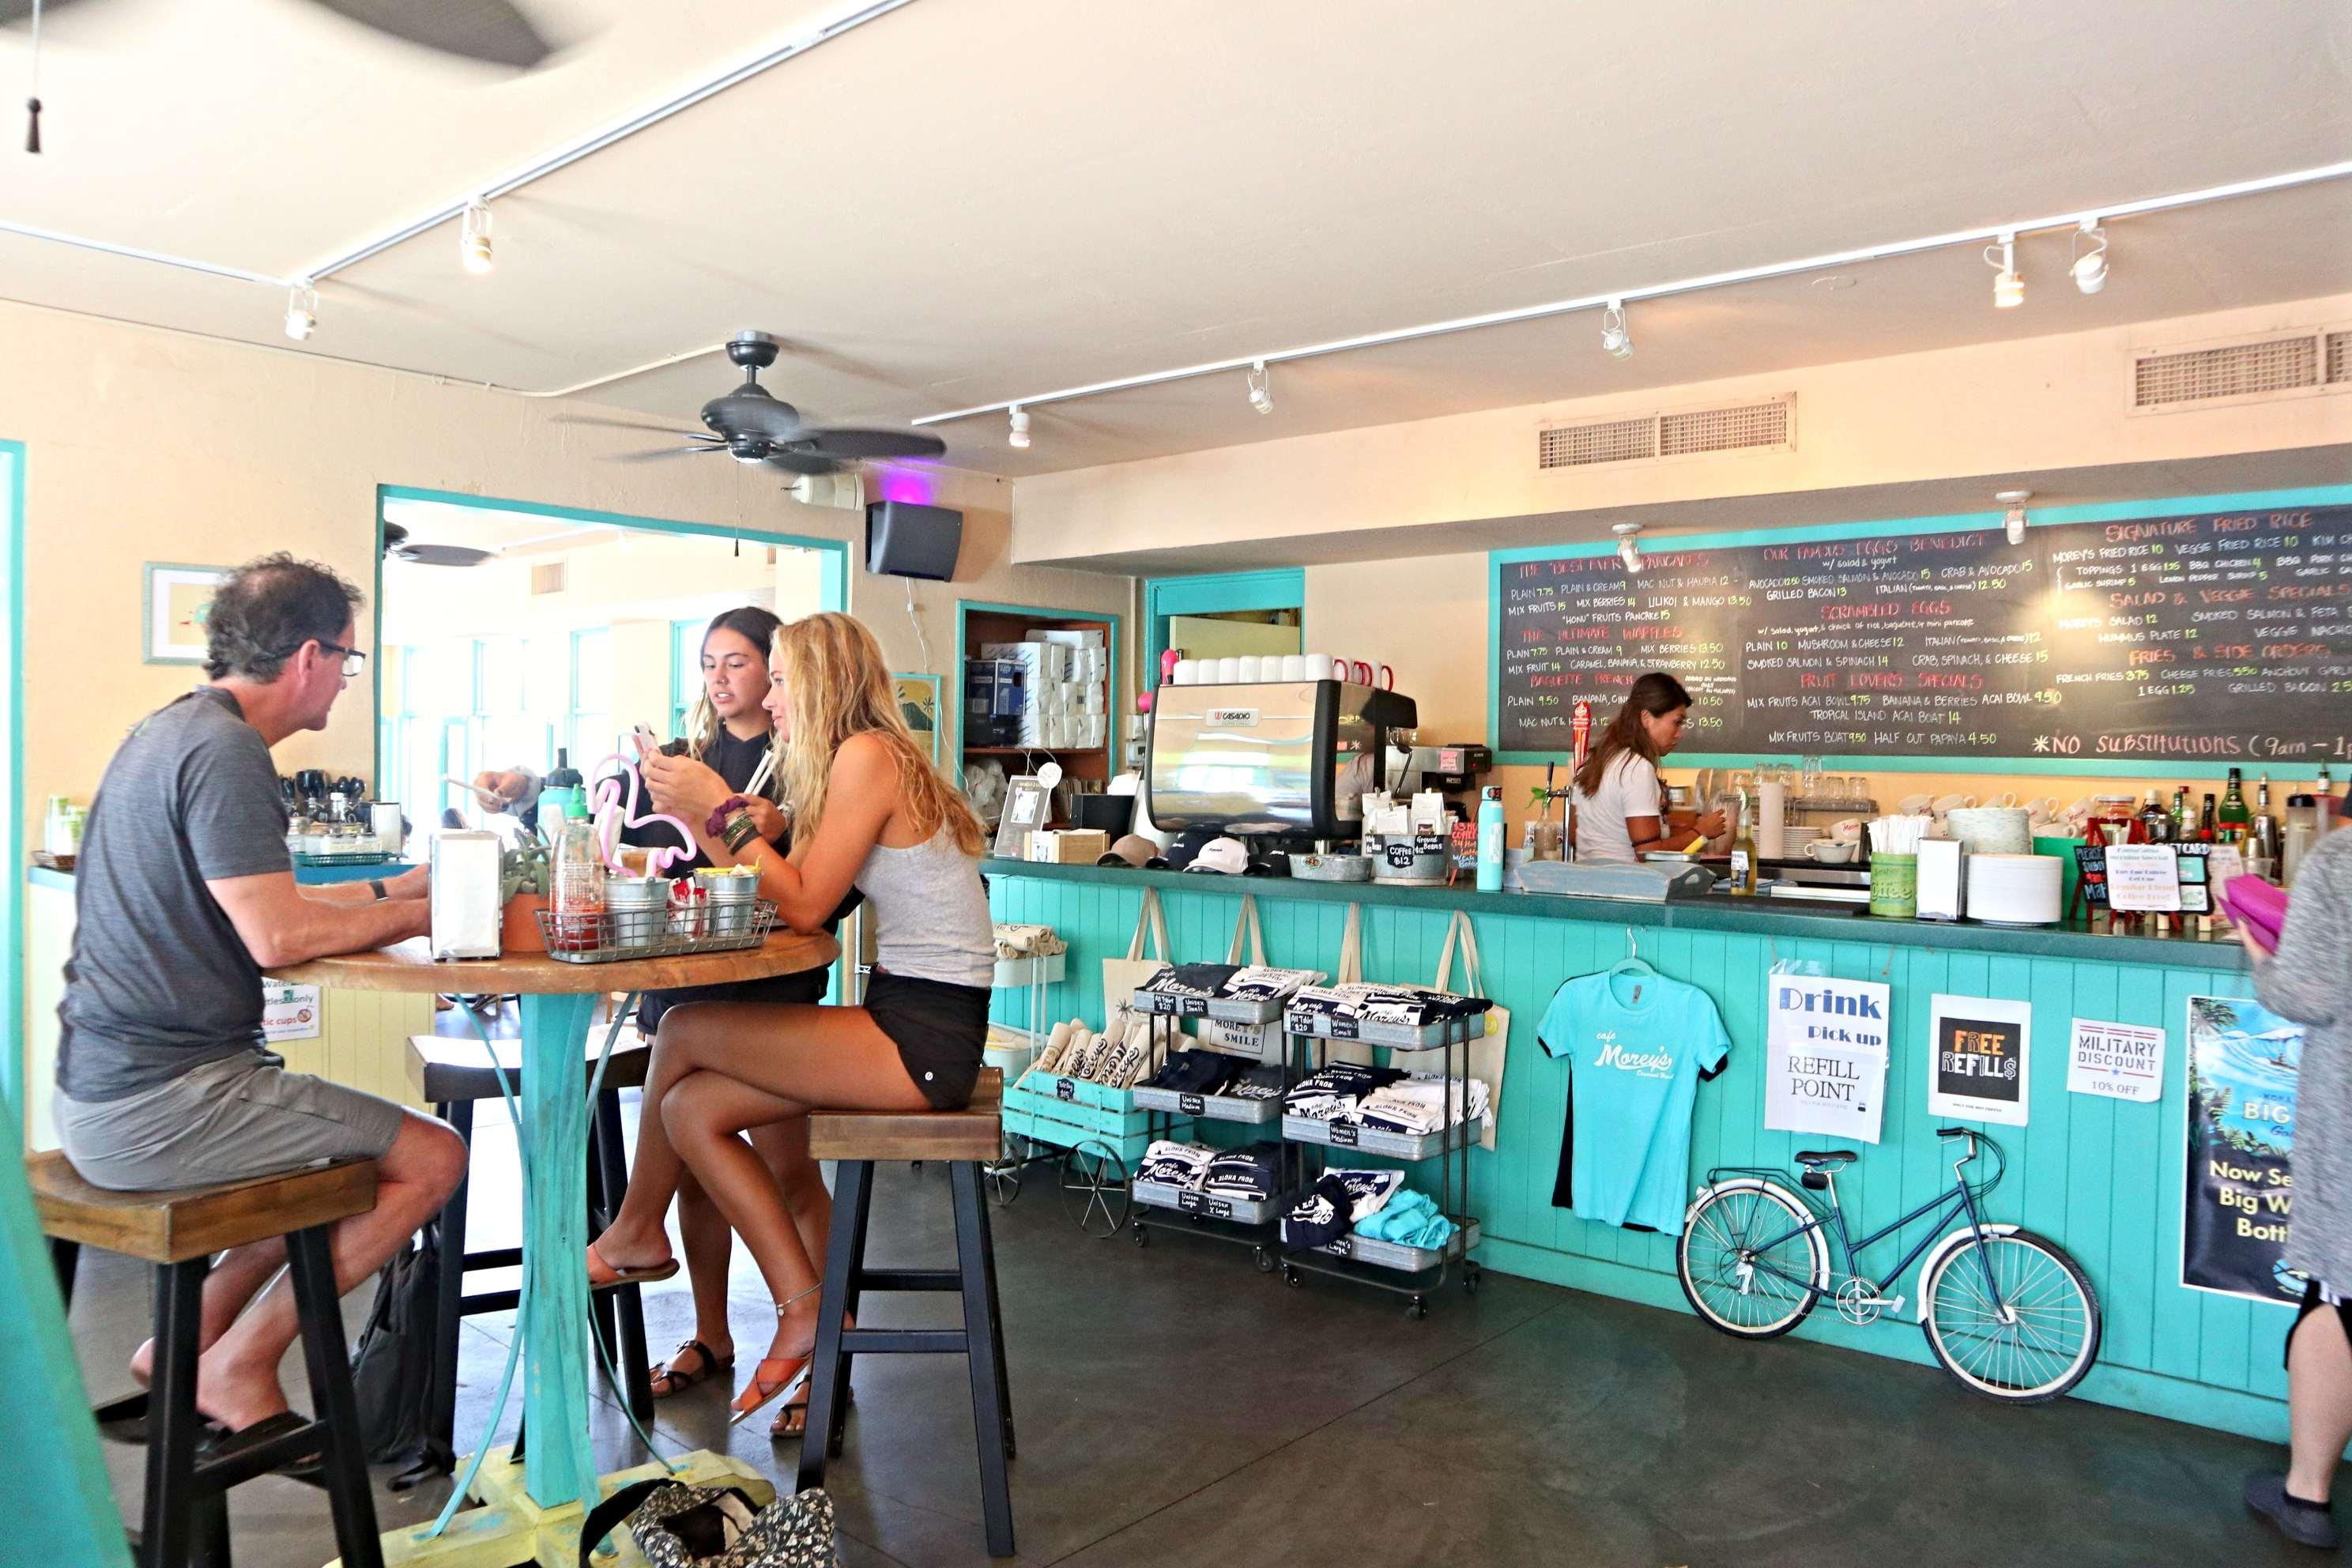 最新インスタグラマブルなハワイ旅。【後編】ハワイのブティックホテルや、ロコが集まるアートな最新エリアをチェック!